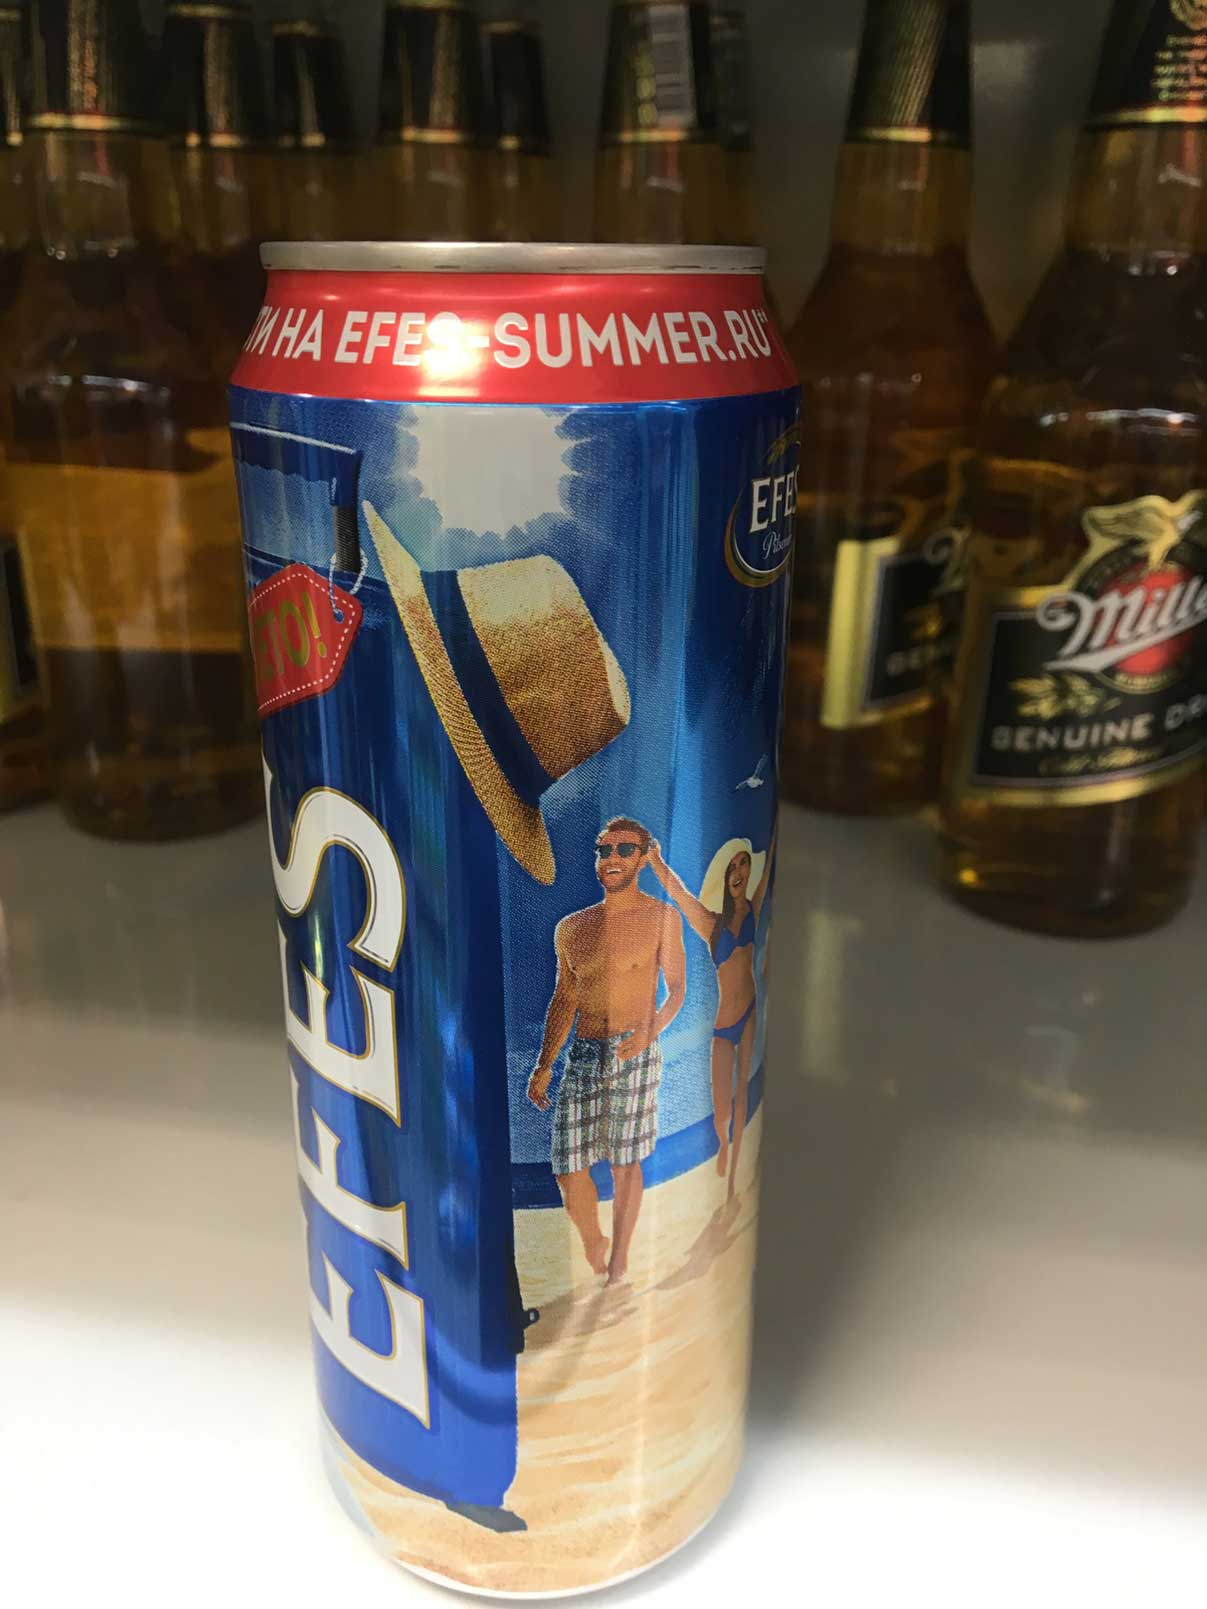 акция пива  efes